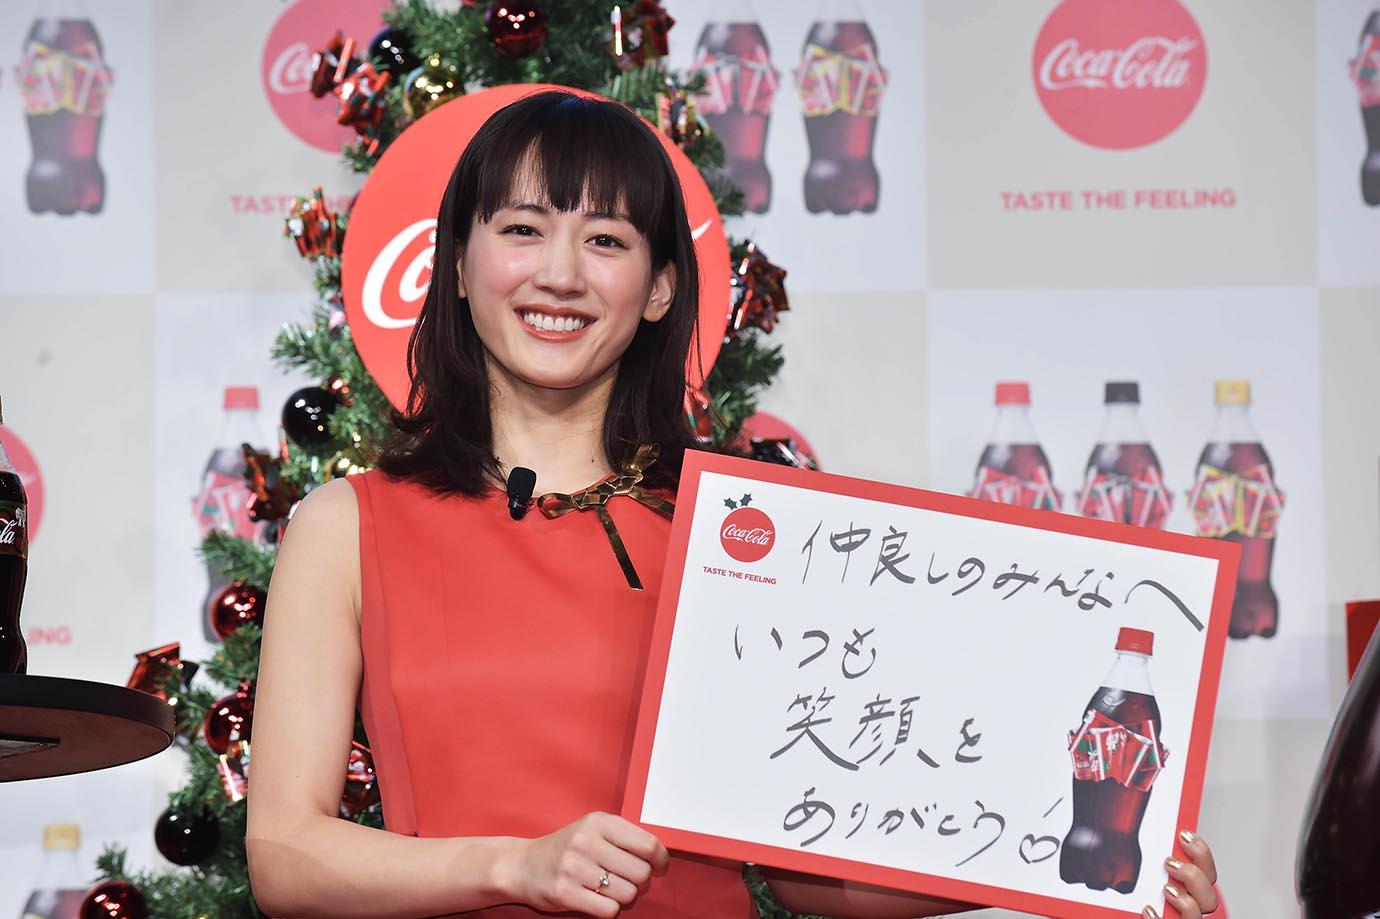 ayase-haruka-ribbon-bottle4